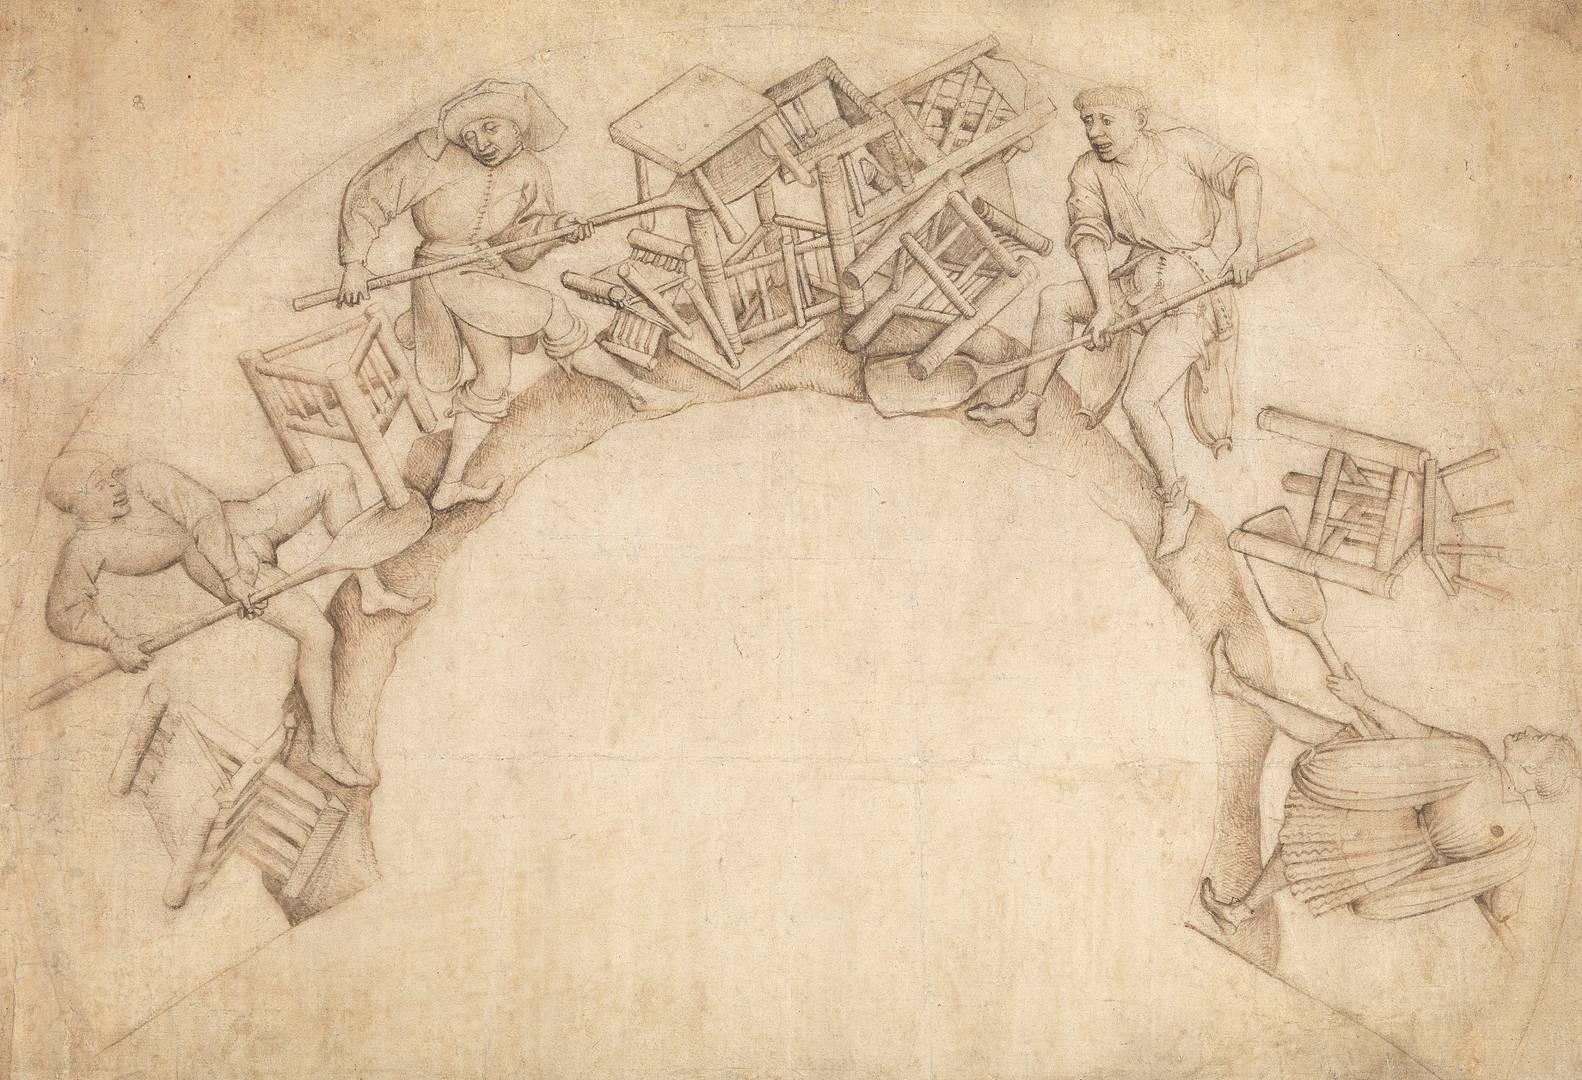 Из окружения Рогира ван дер Вейдена. Копание стульев (Scupstoel). 1444–1450